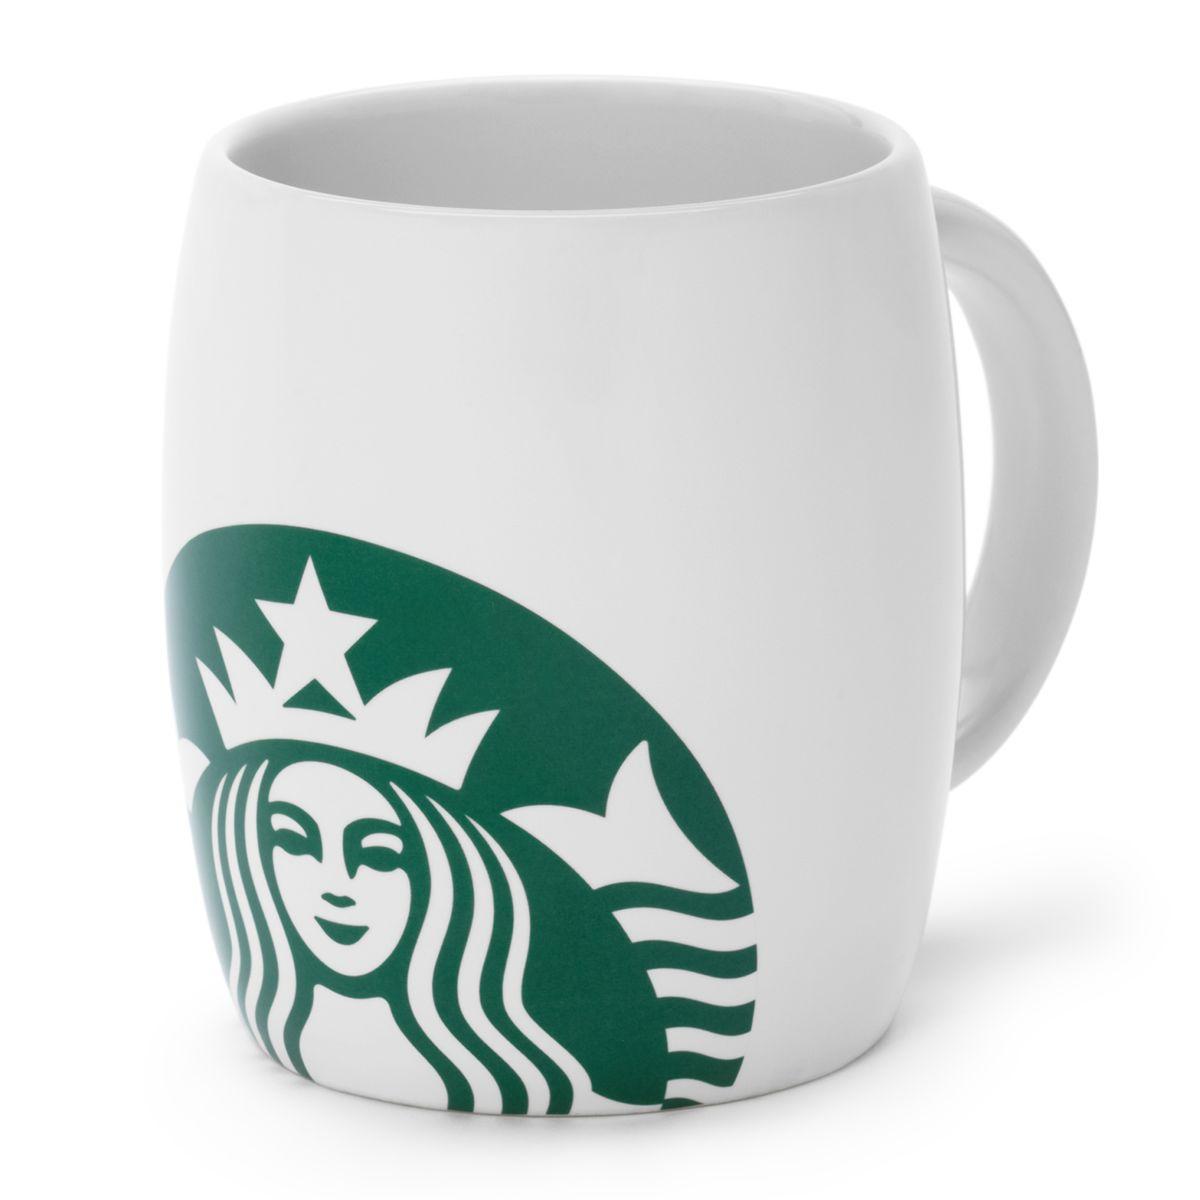 Un Mug offert pour les 300 premiers clients lors de l'ouverture